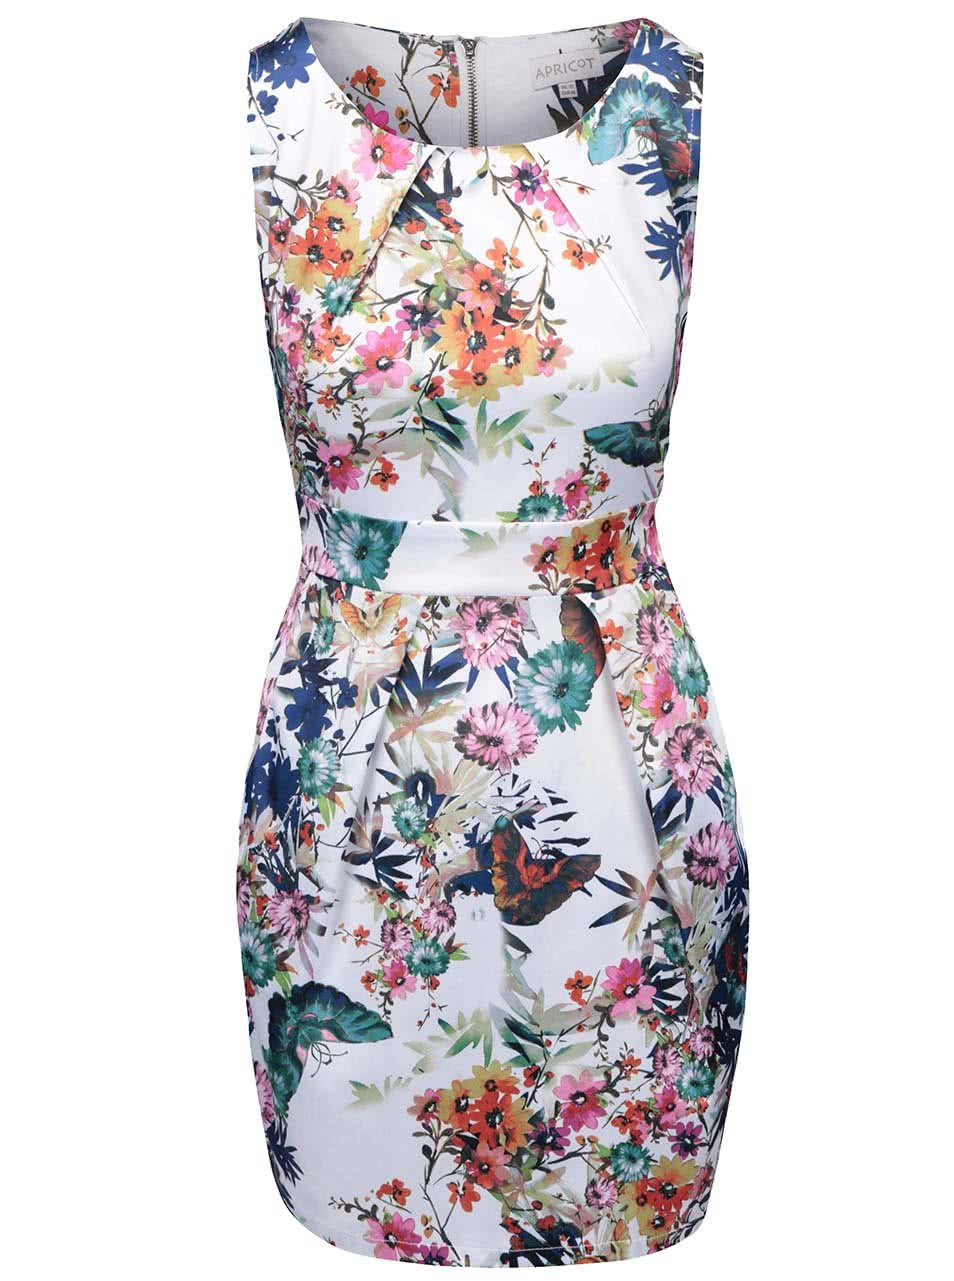 Bílé květované šaty Apricot